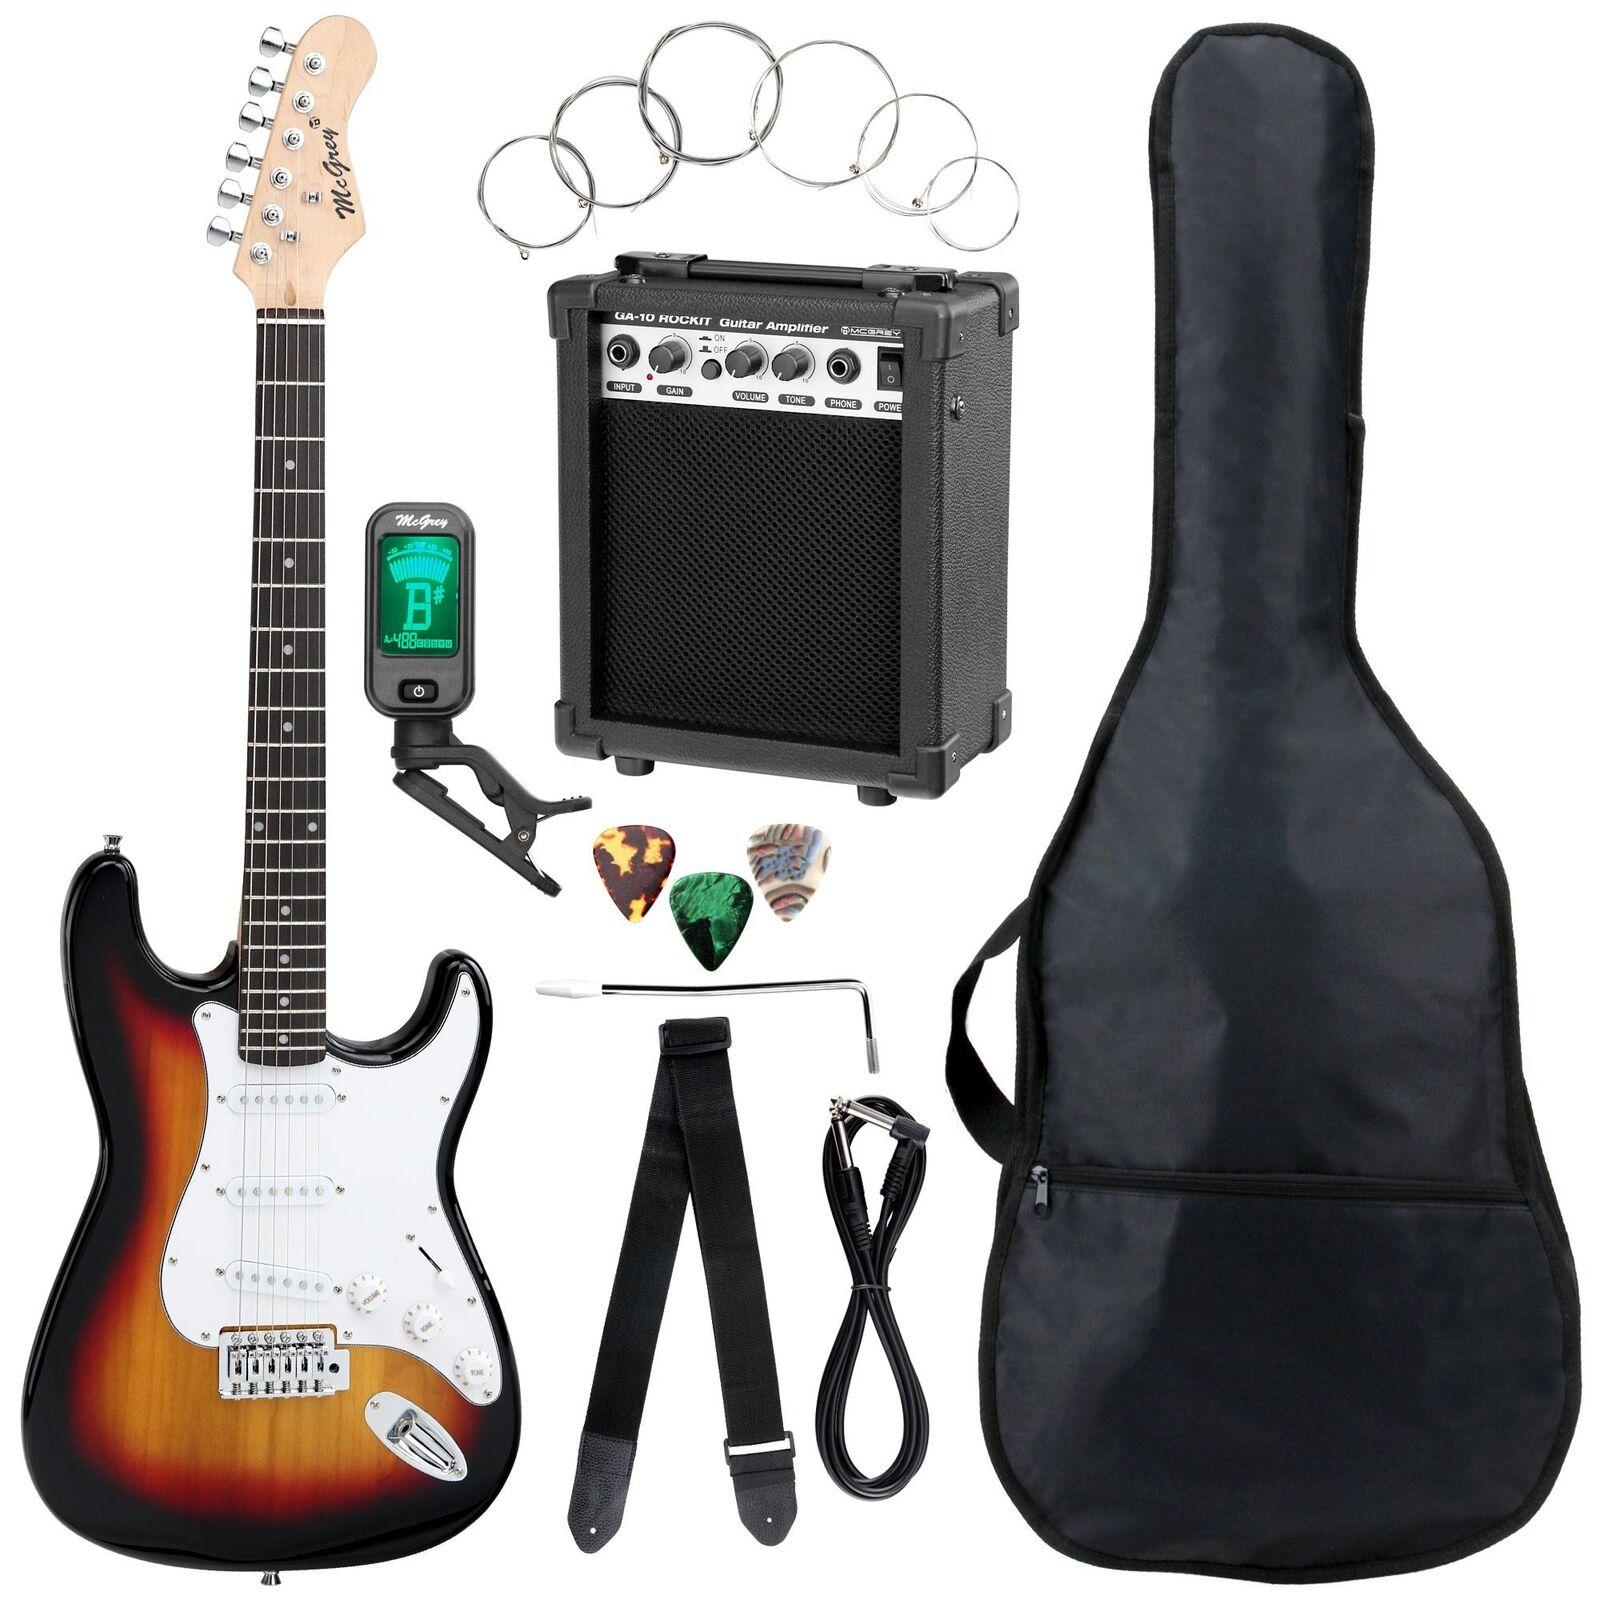 Top Sunburst E-Gitarre Einsteiger Set mit Stimmgerät Gigbag Tragetasche & Amp